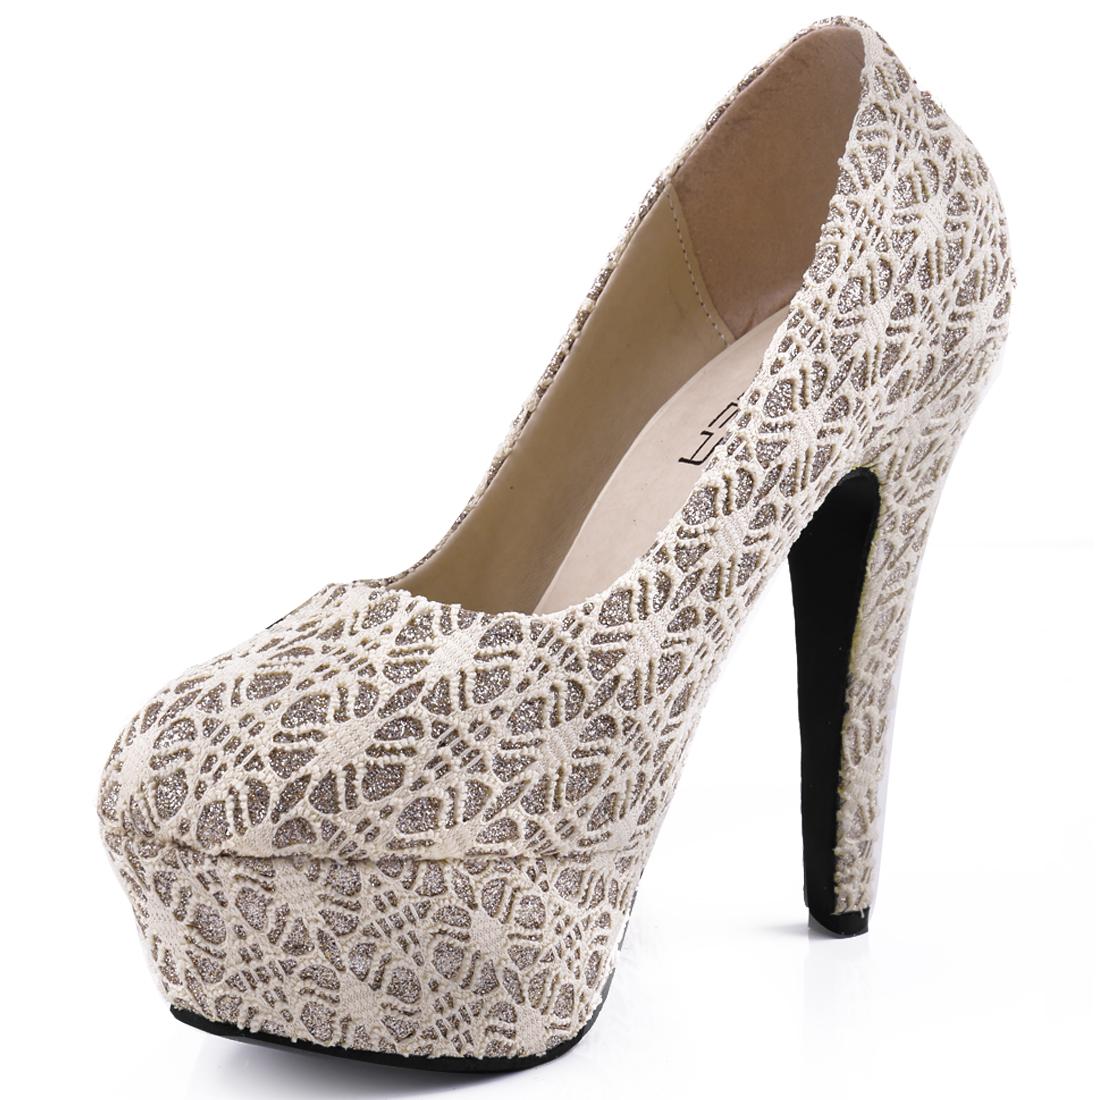 Ladies Chic Shiny Foil Decor High Heels Beige Platform Pumps US 7